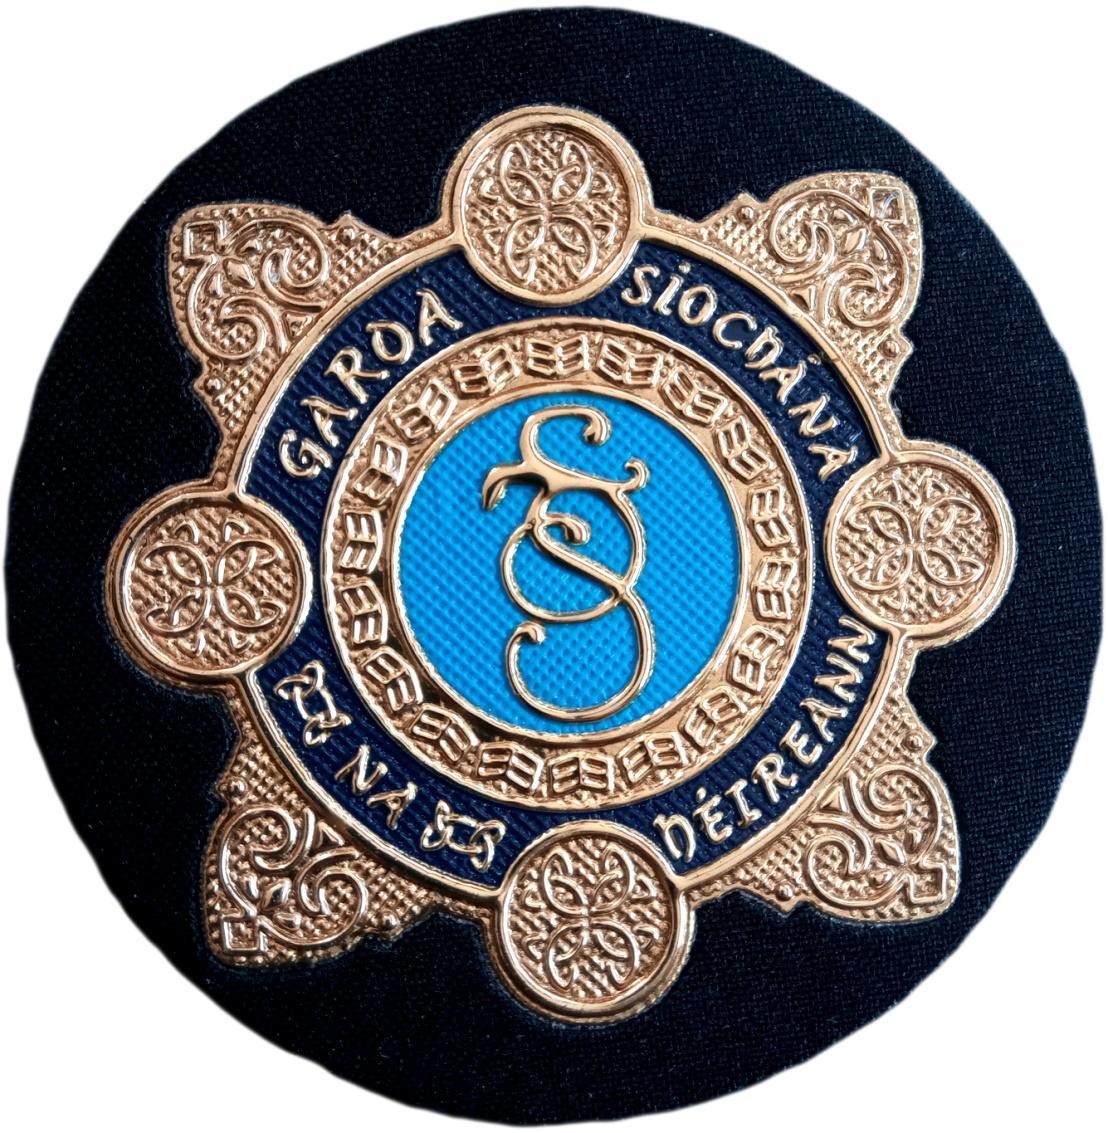 POLICÍA DE IRLANDA GARDA SIOCHANA IRELAND EIRE POLICE PARCHE INSIGINIA EMBLEMA DISTINTIVO